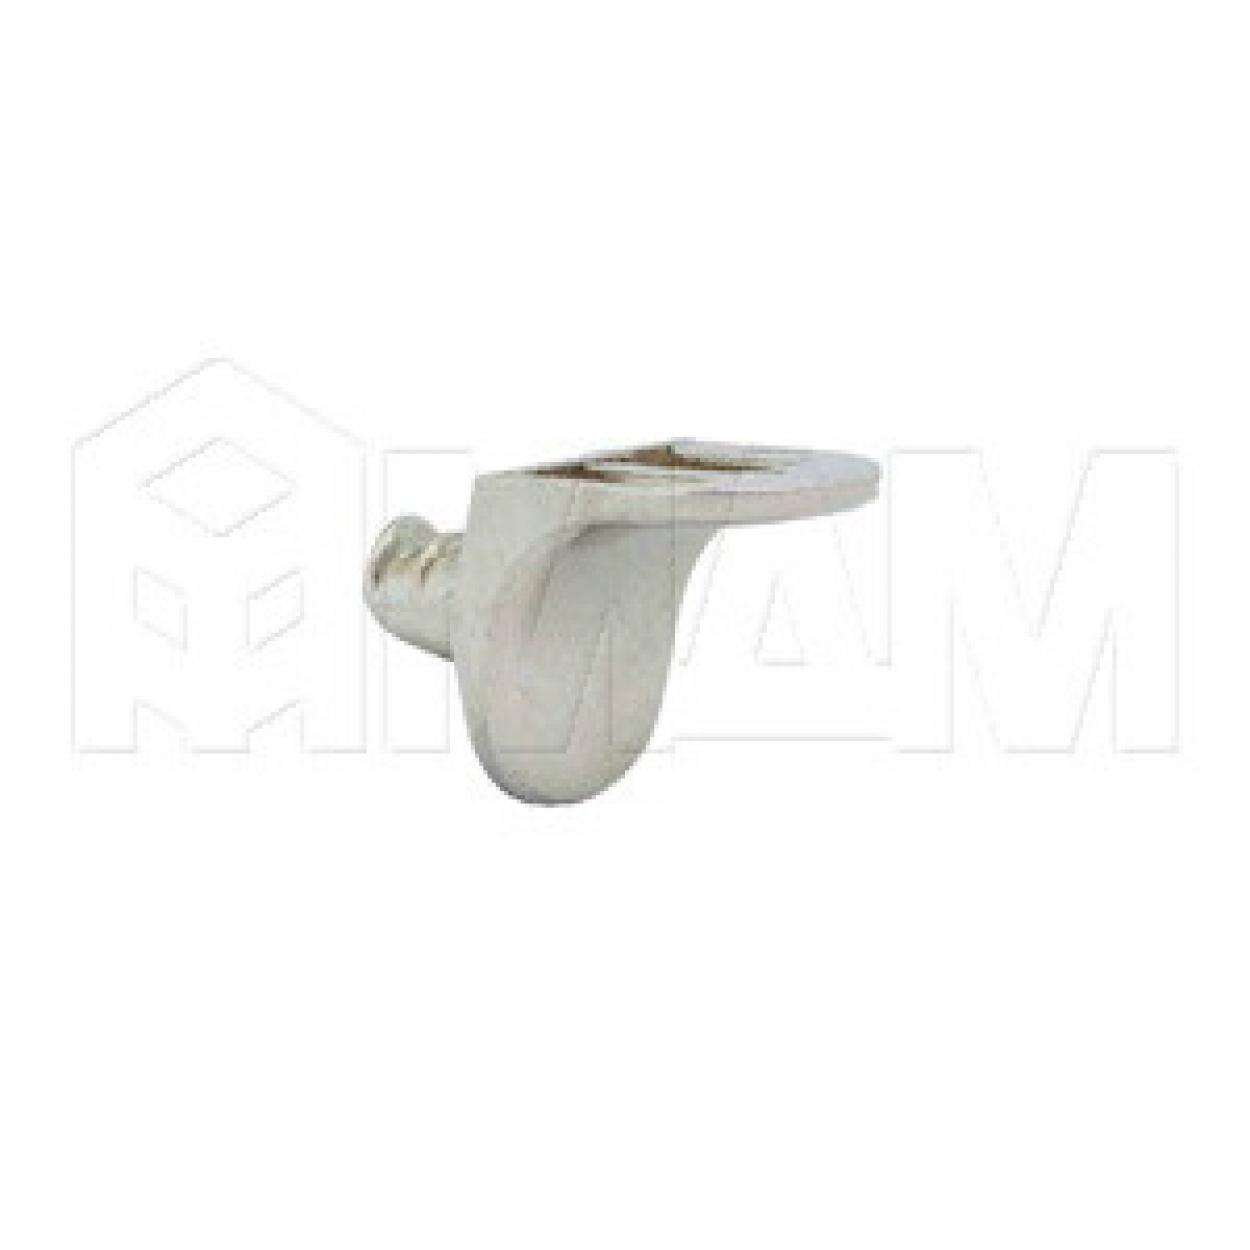 Полкодержатель с дополнительным упором для деревянных полок, никель